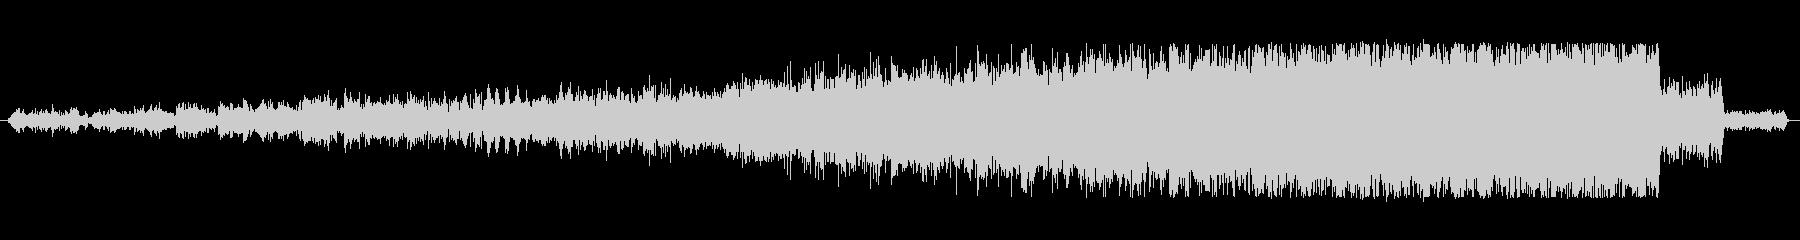 上昇 テープマシンノイズスピンアップ01の未再生の波形